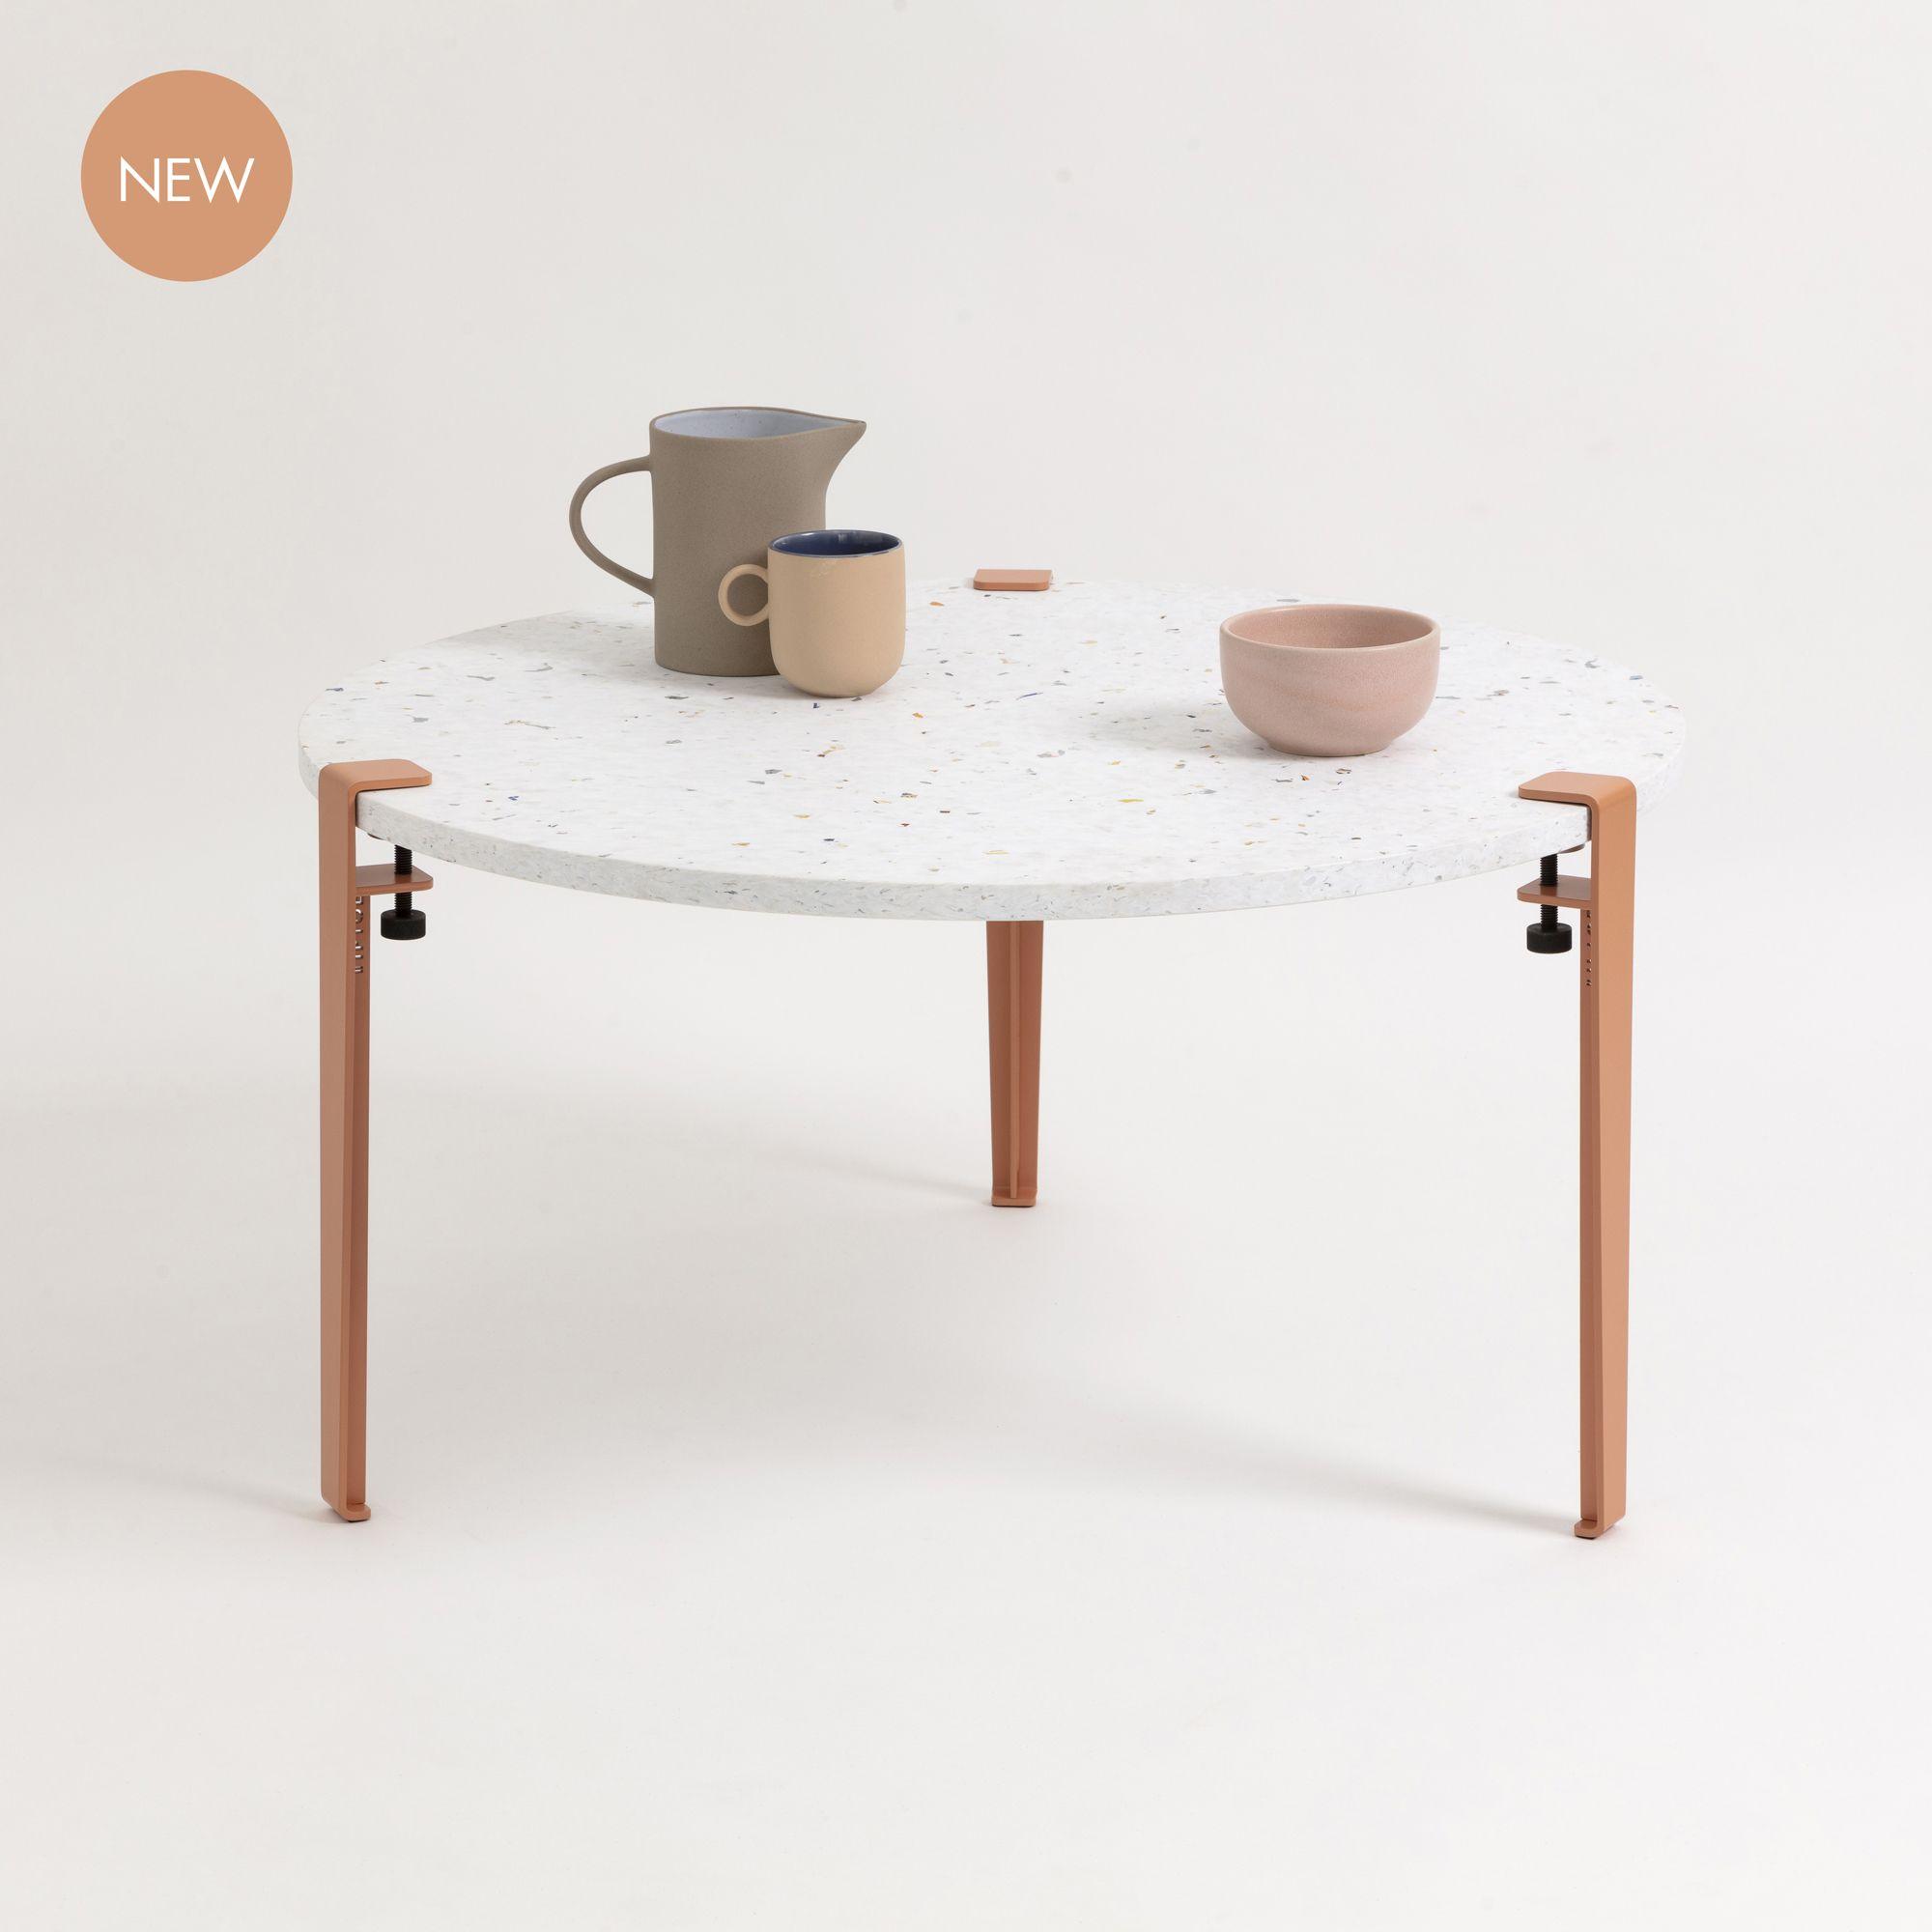 Table Basse En Plastique Recycle Venezia Pieds De Table Tiptoe In 2020 Coffee Table Coffee Table Legs Table